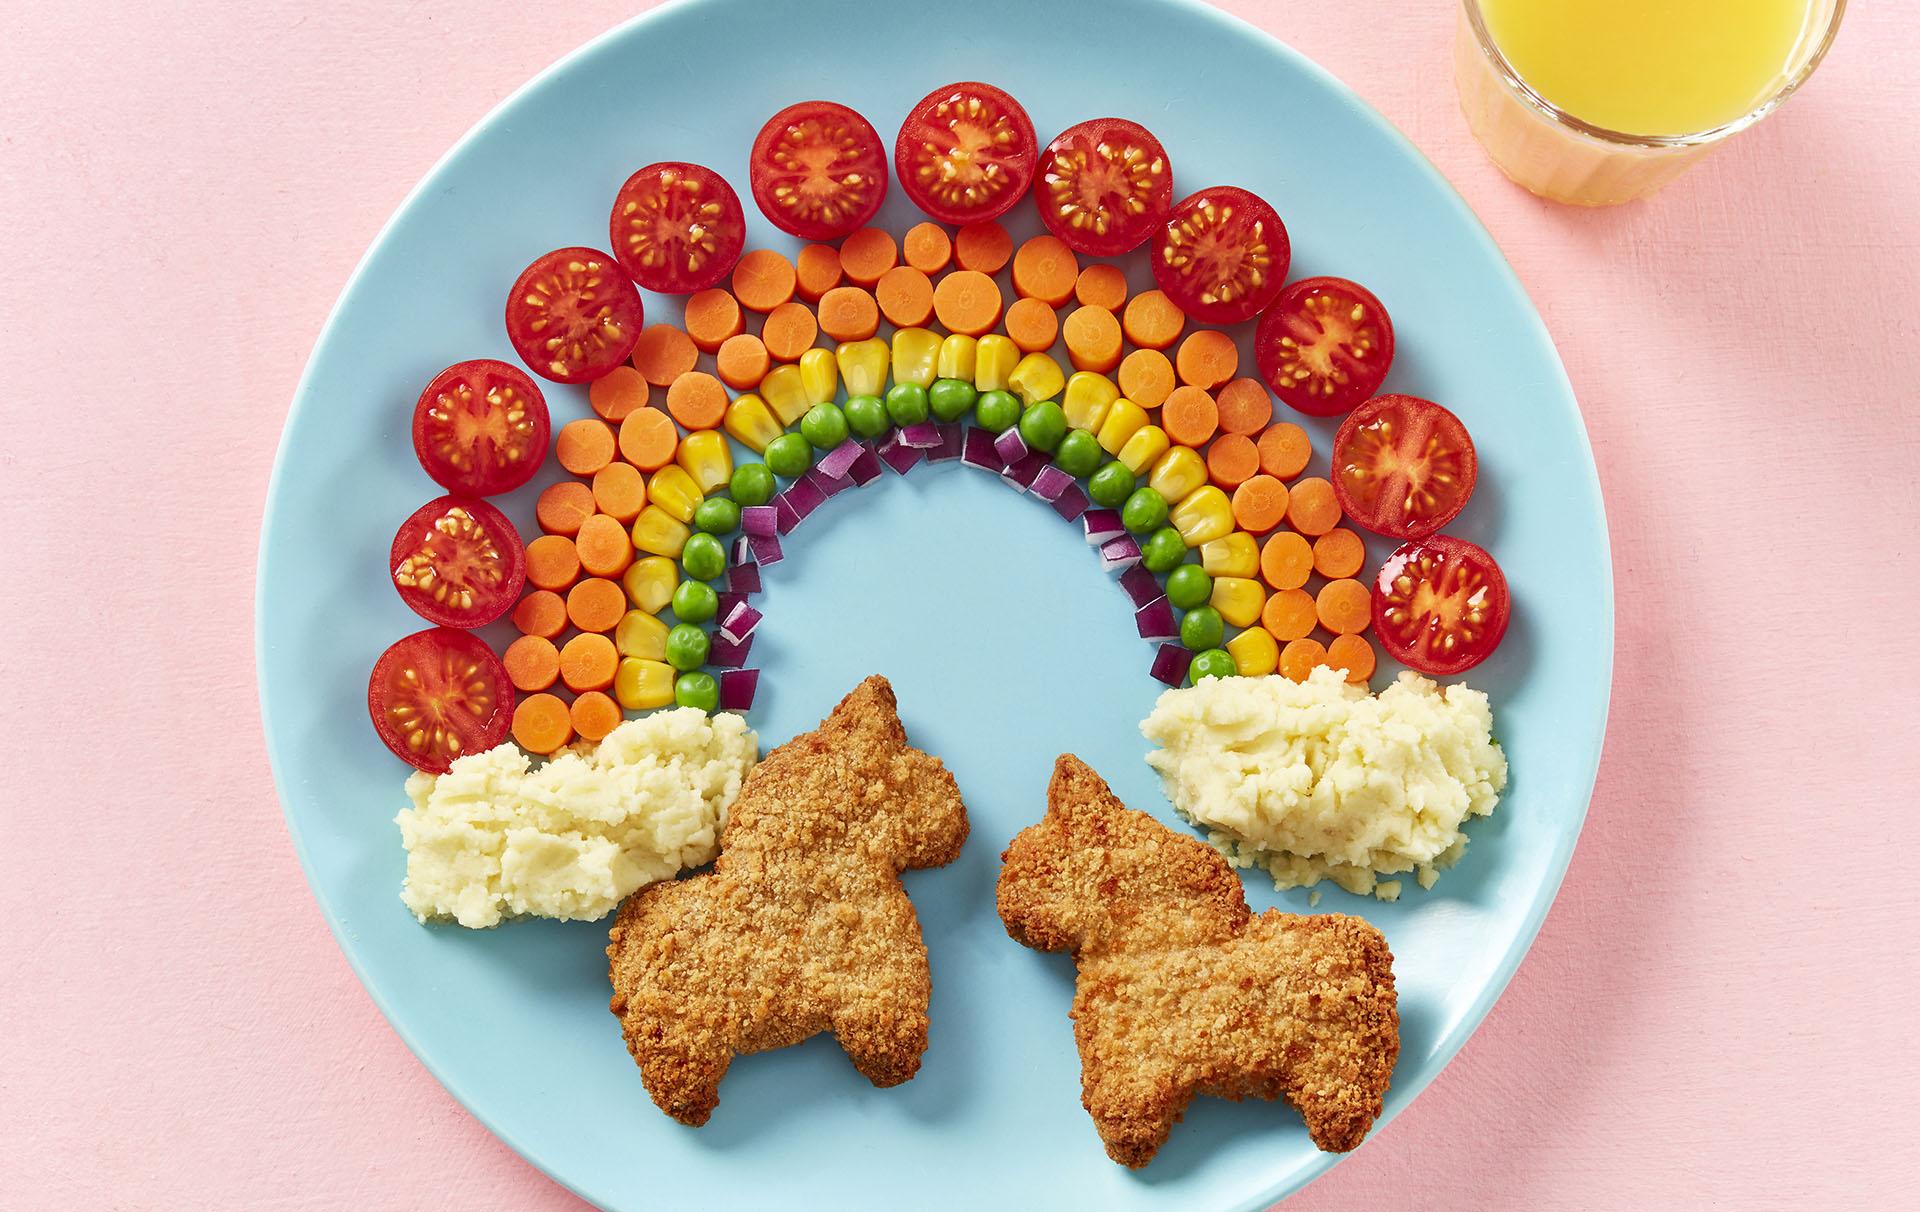 Iceland unicorn turkey nuggets